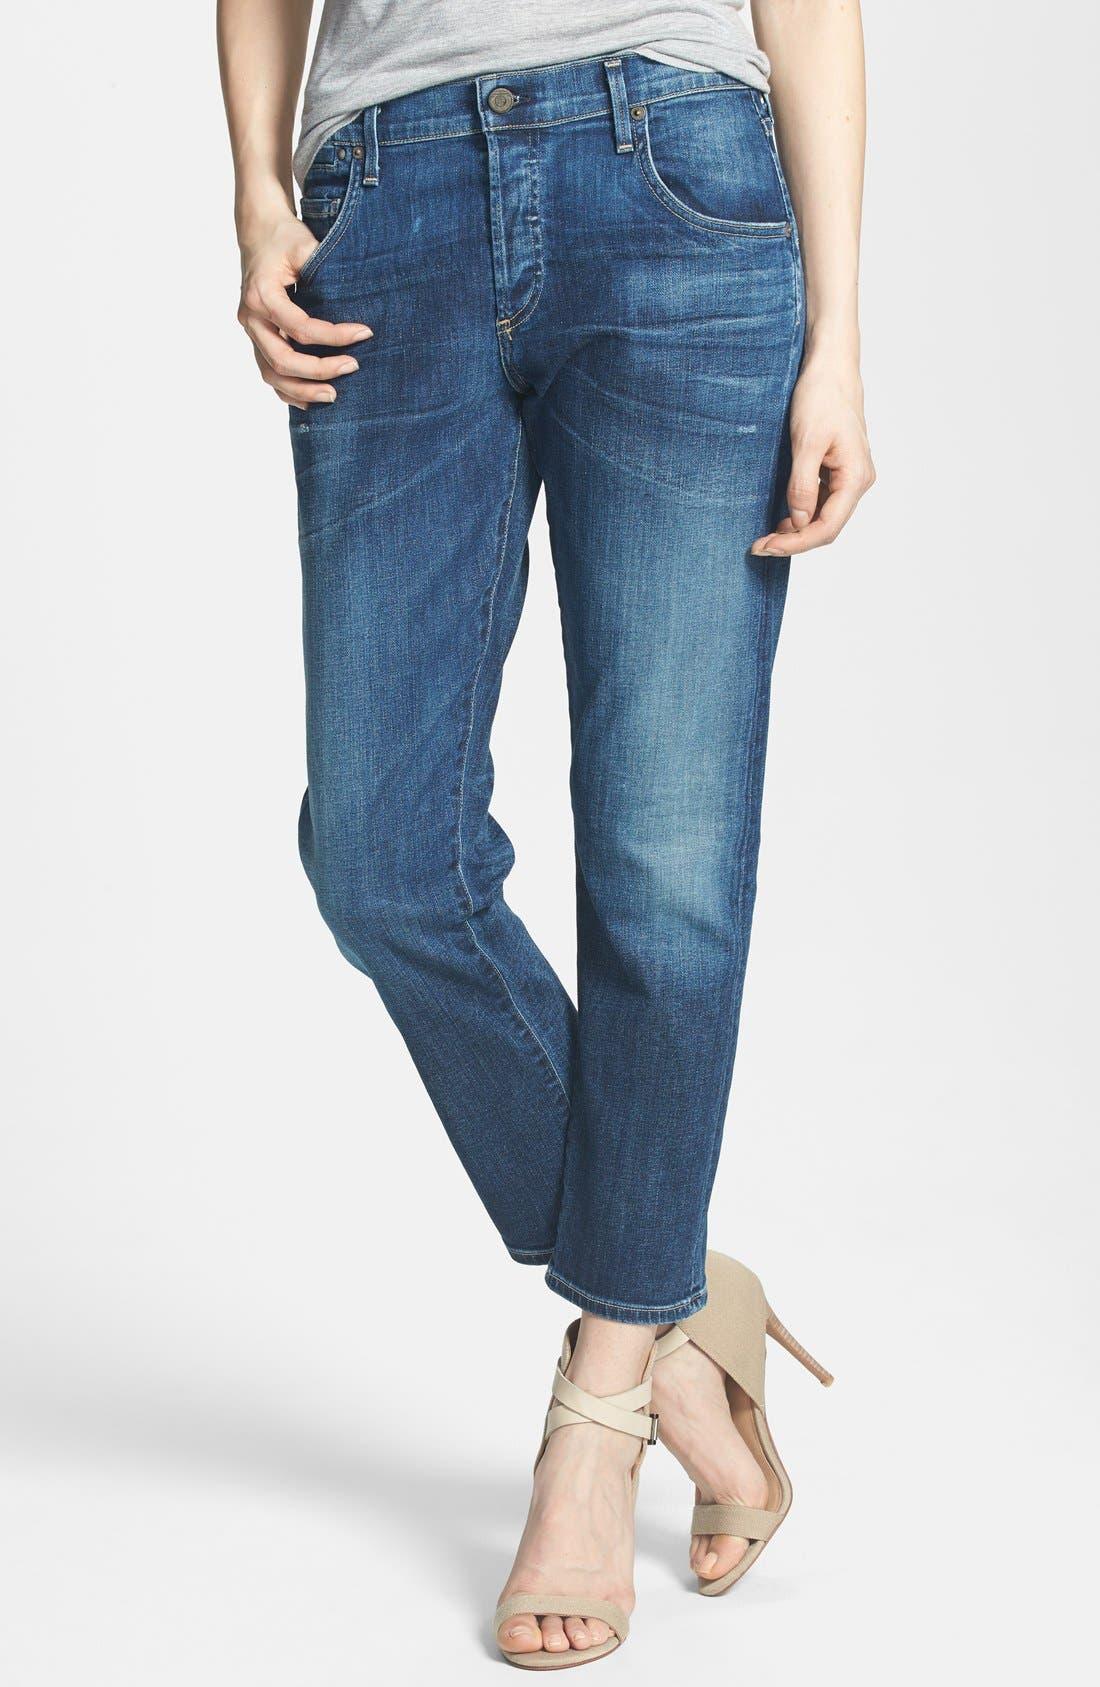 Shoes for Boyfriend Jeans